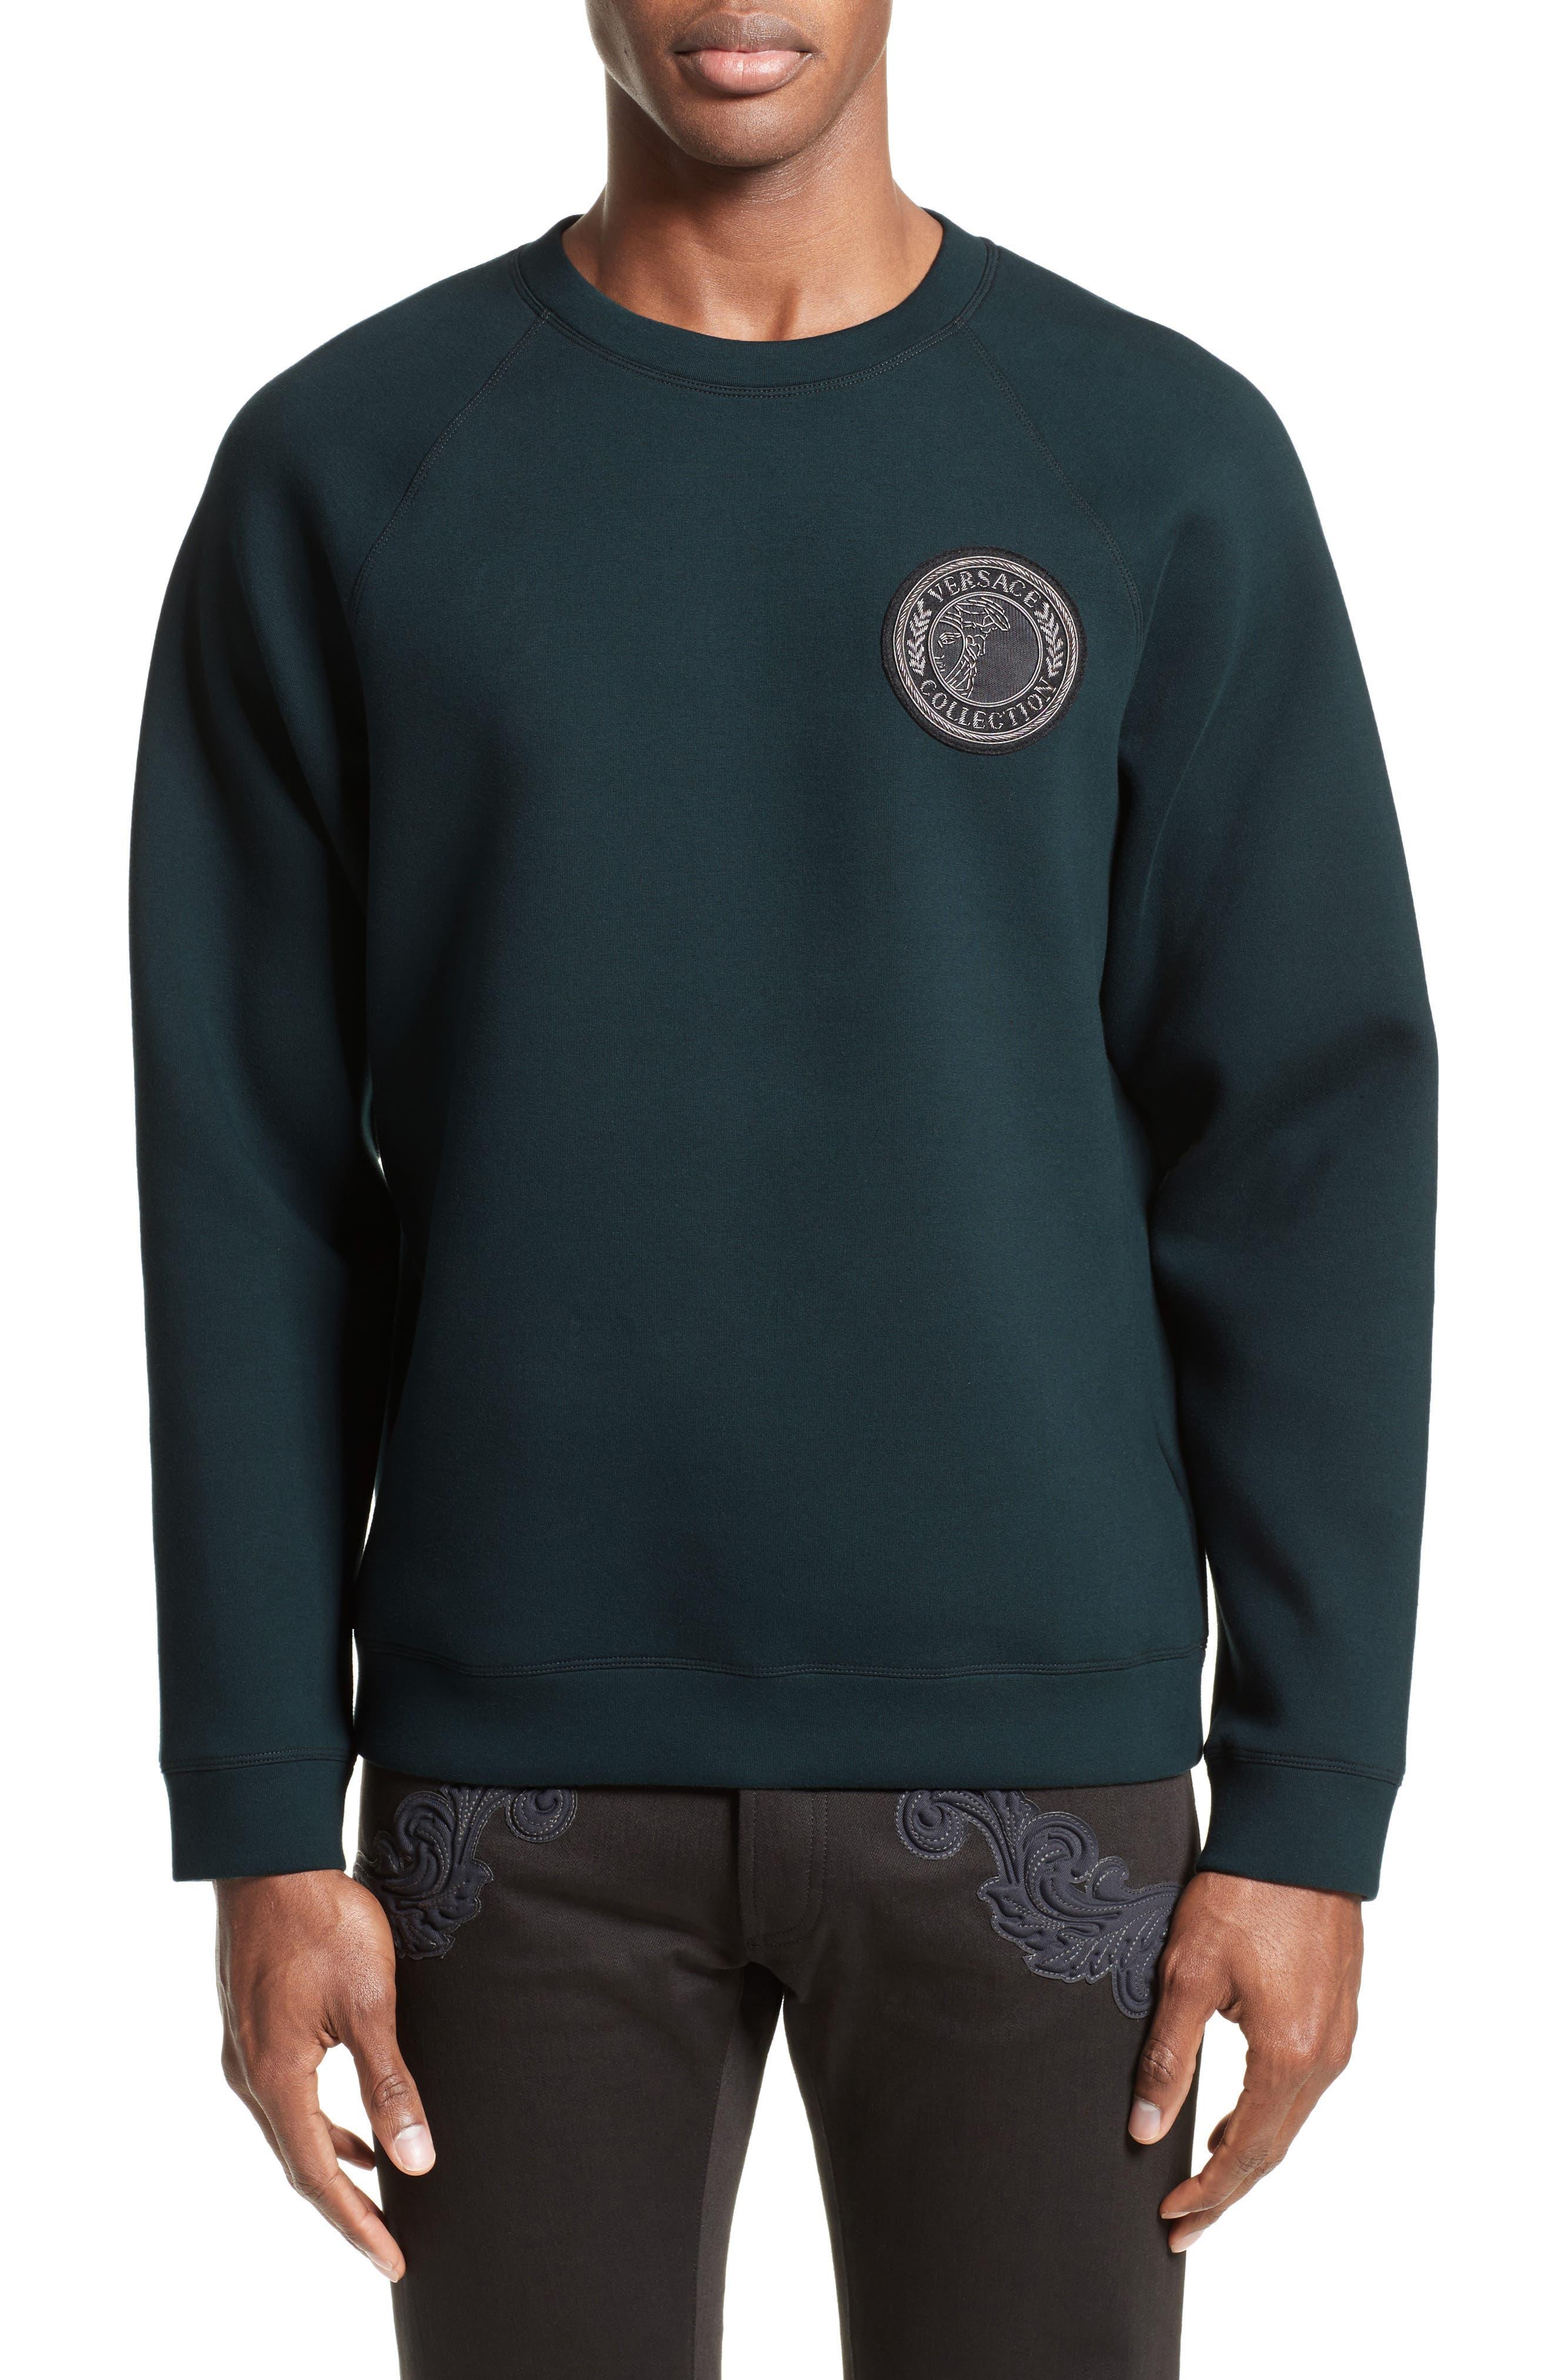 Versace Crest Sweatshirt